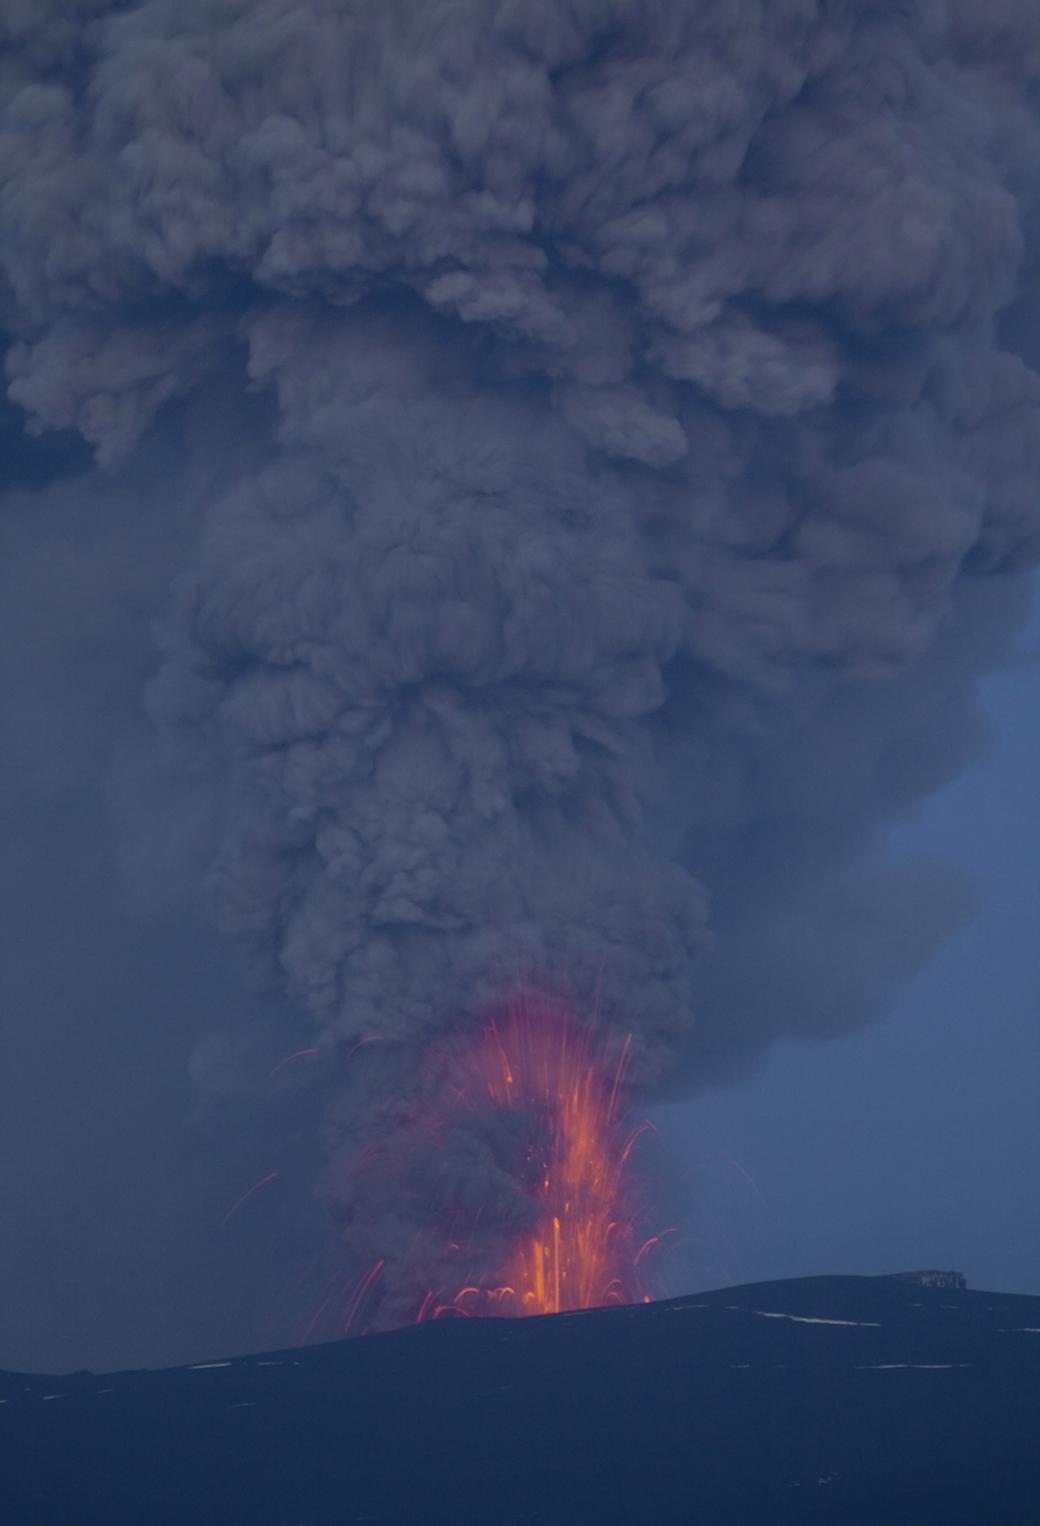 Eruption in Eyjafjallajokull 3Wallpapers iPhone Parallax Eruption in Eyjafjallajokull